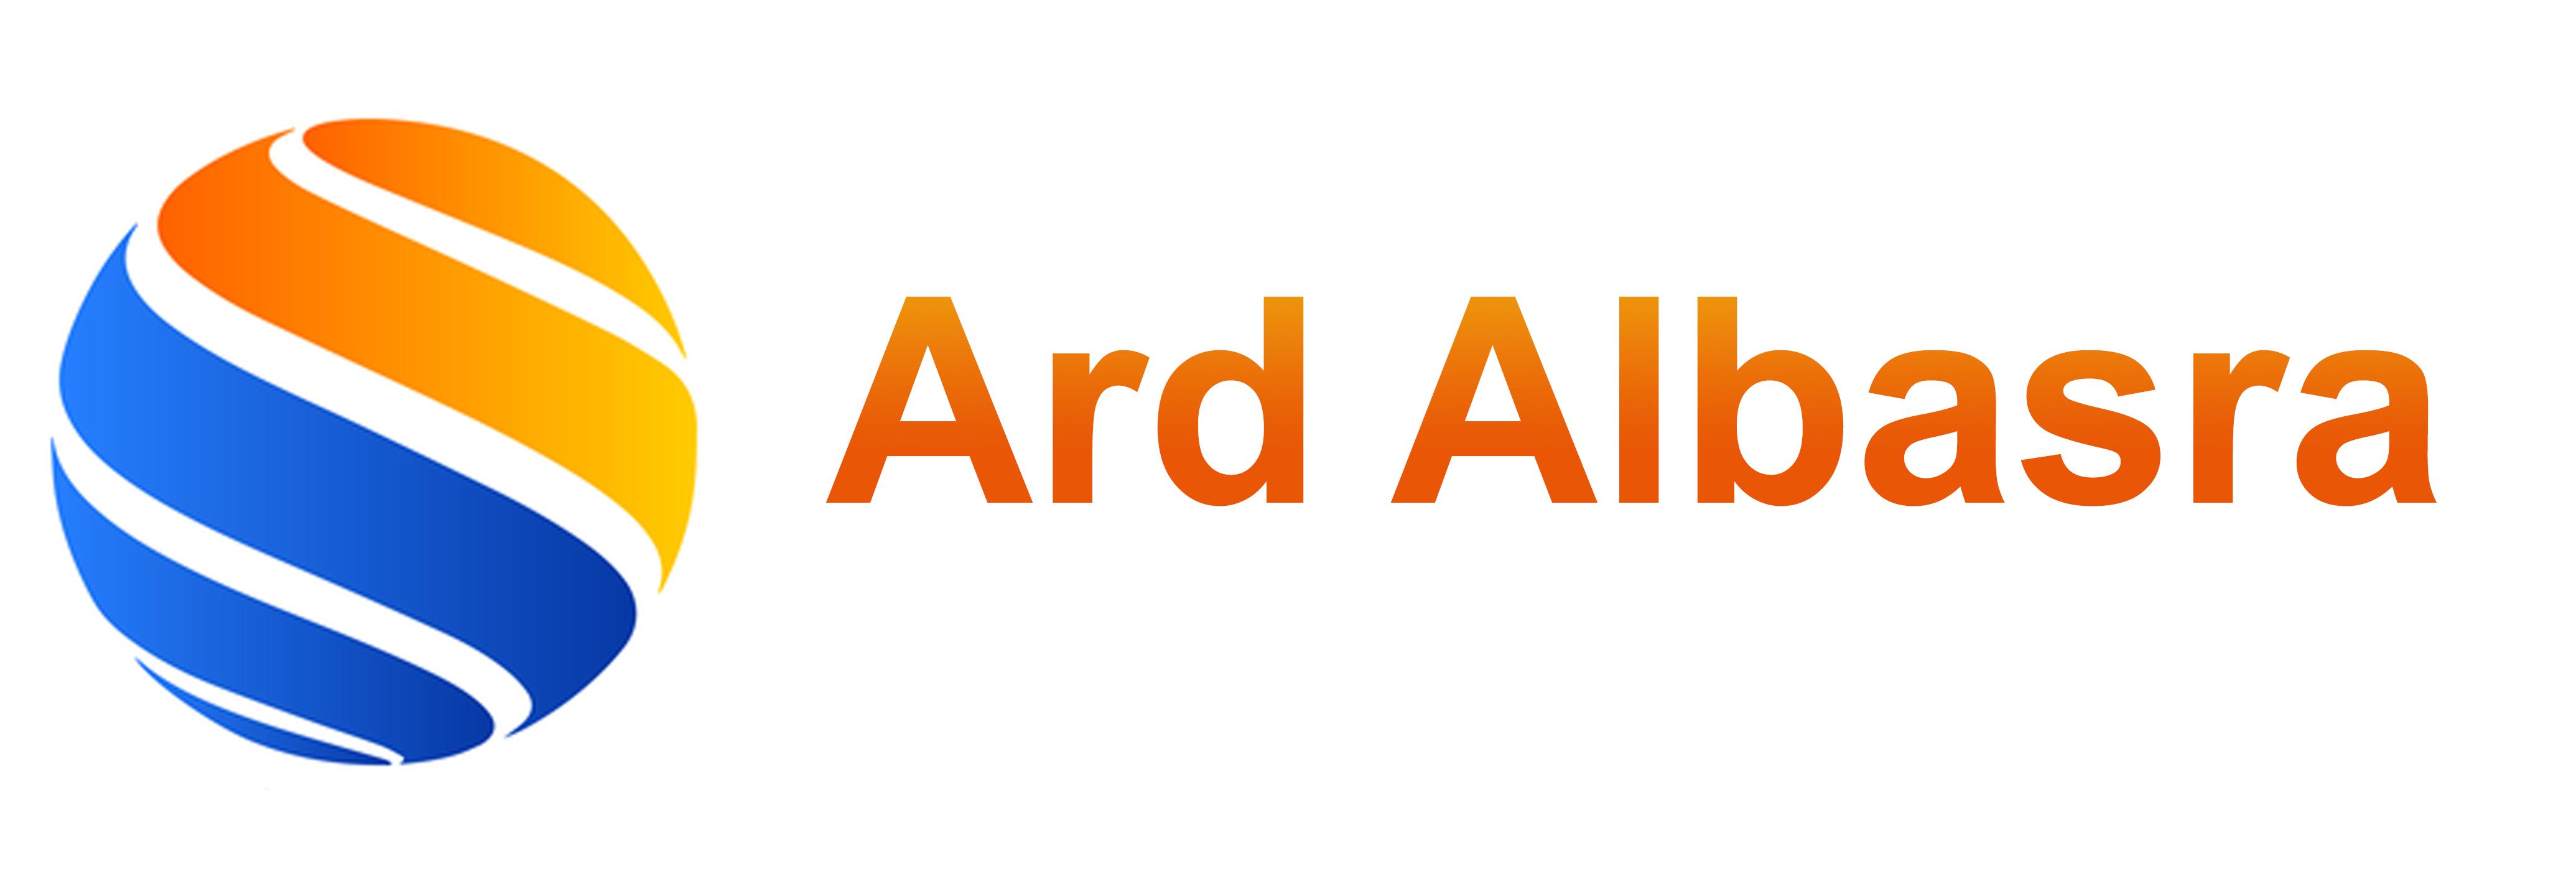 ard-albasra.com